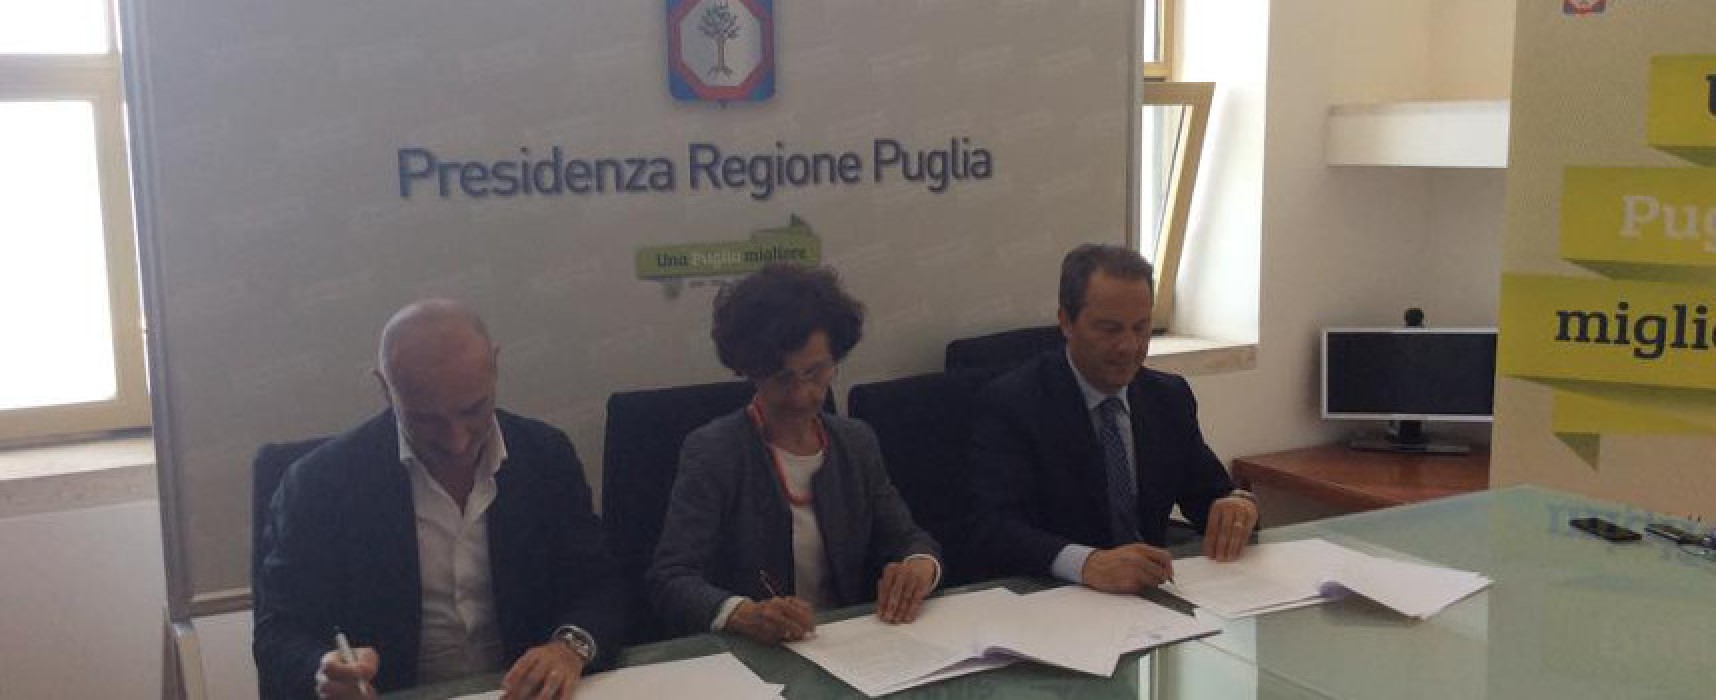 Emergenza abitativa, firmato il protocollo di intesa tra Comune, Regione ed Arca Puglia